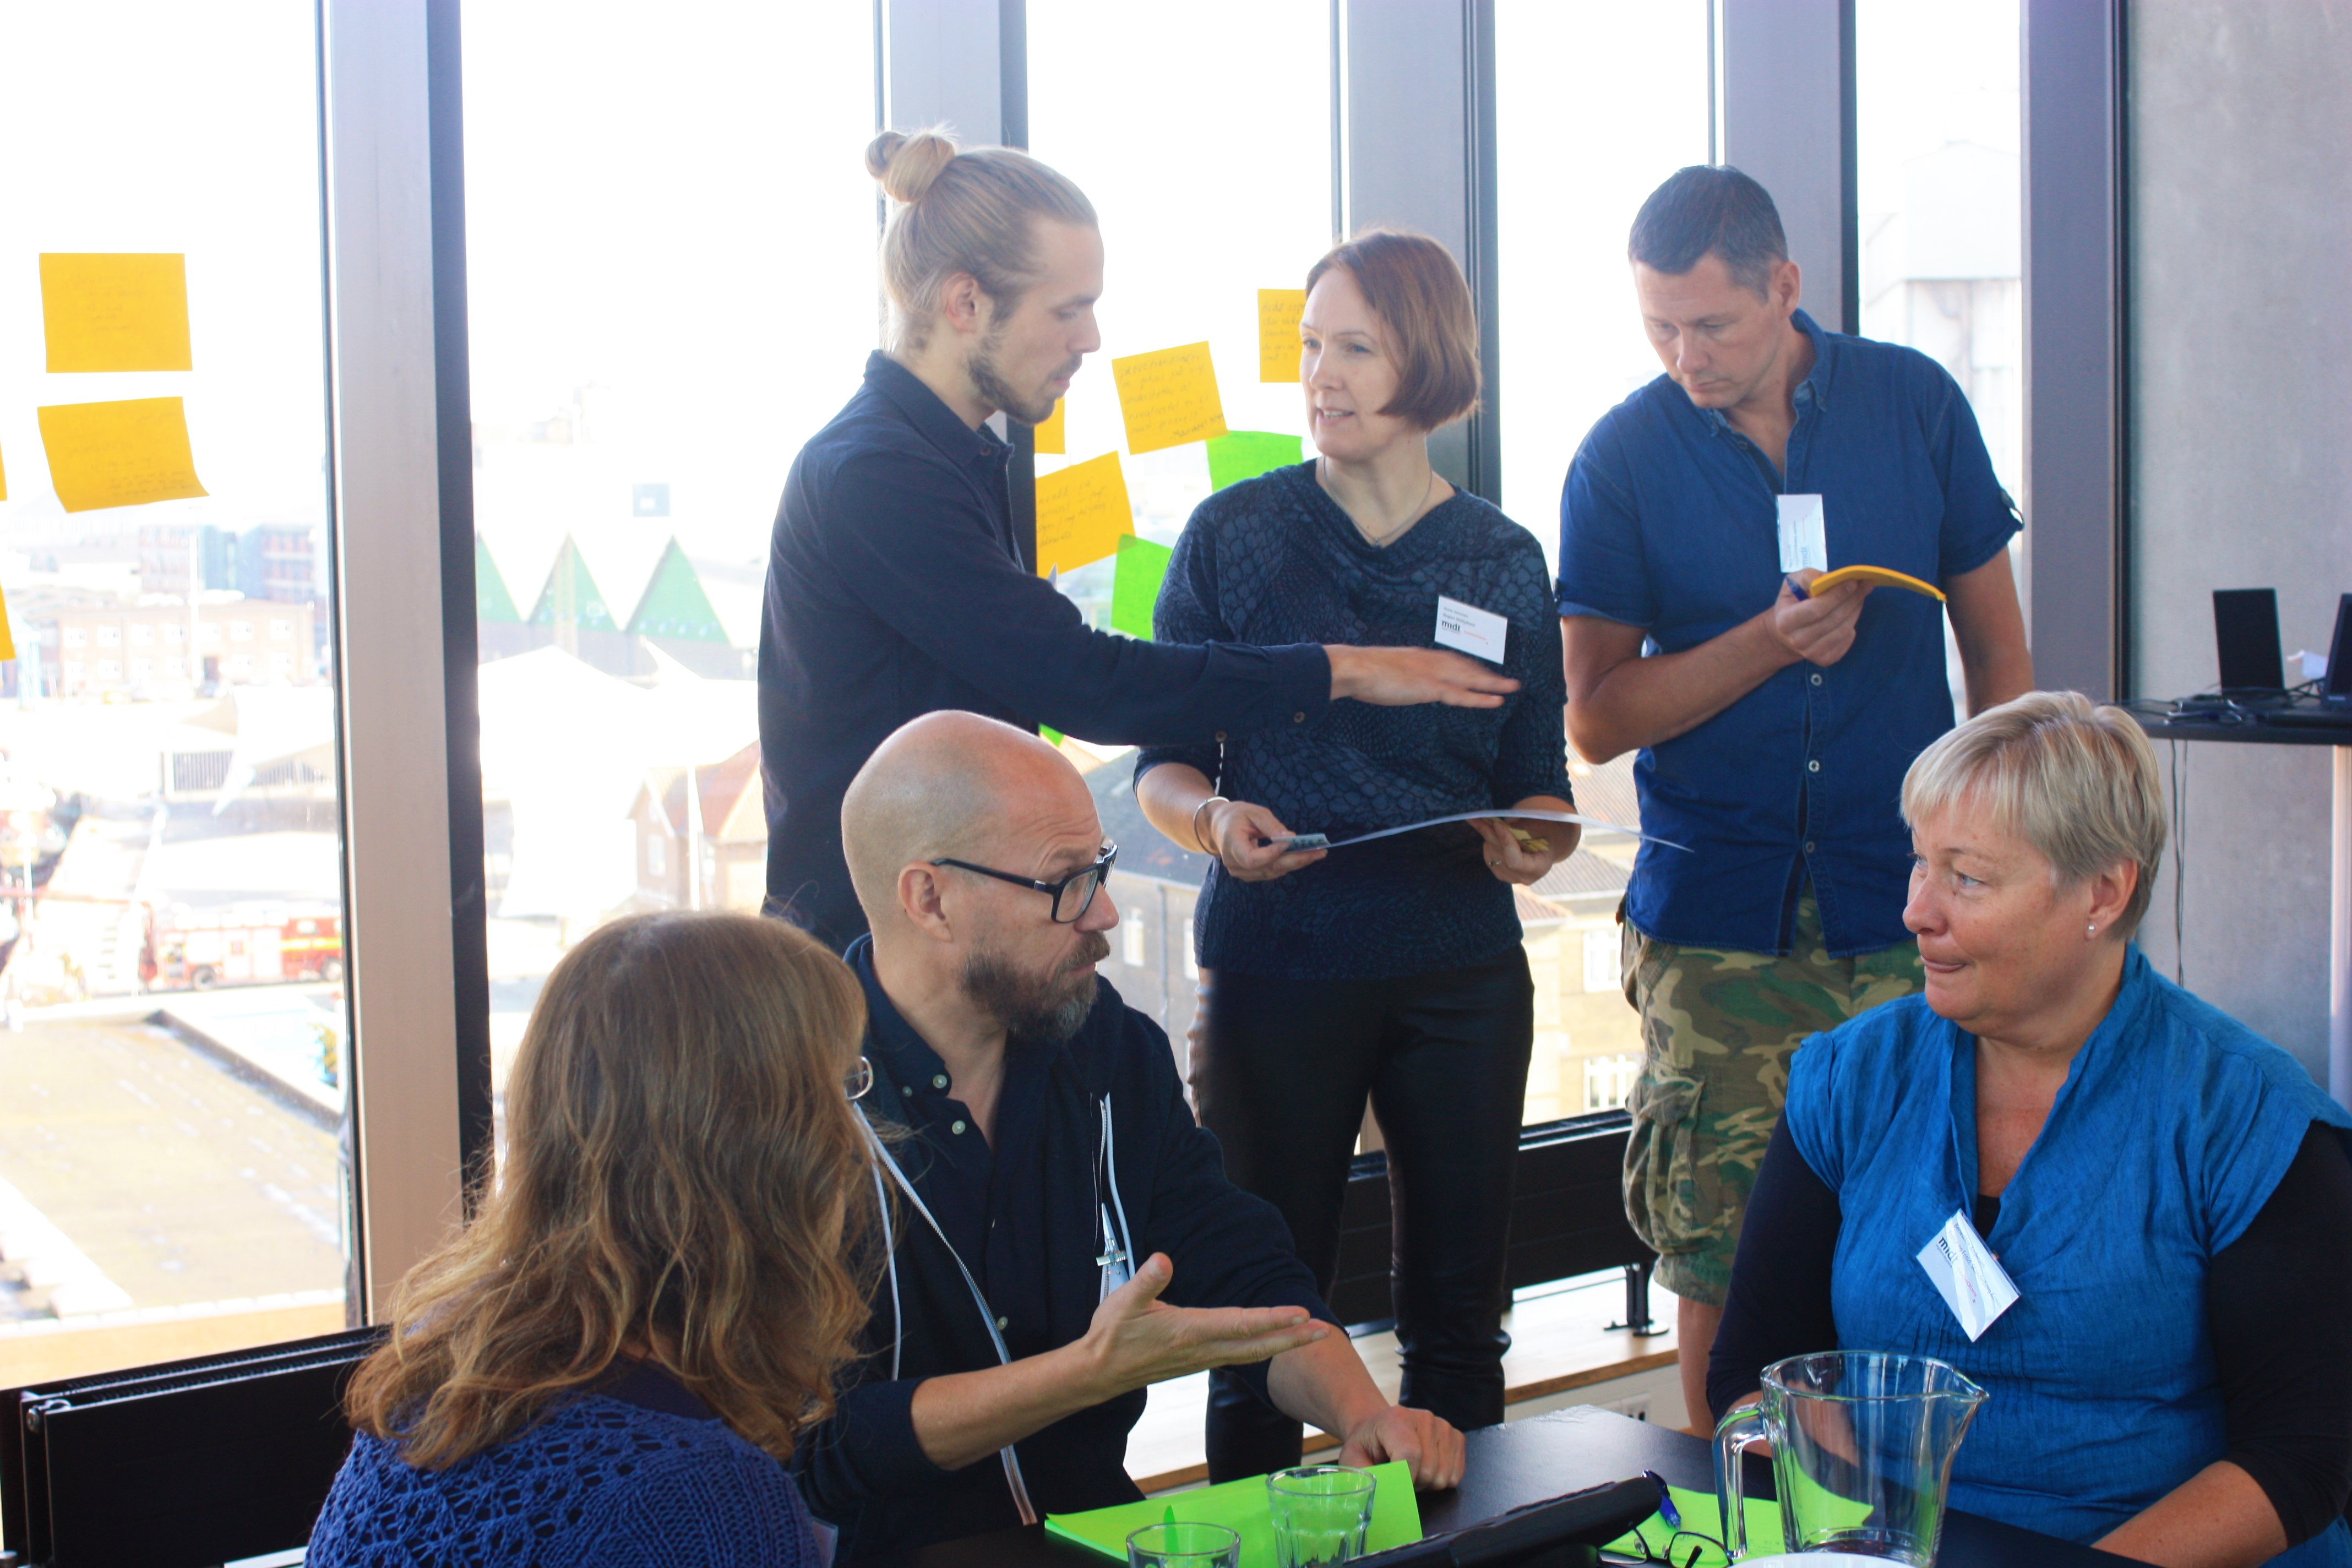 workshop ledet af Anne Justesen om borgernes muligheder for at udvikle deres kreativitet og være skabende. Deltagere fra skoler, kulturstyrelsen, kulturinstitutioner, universiteter, erhvervsliv, borgergrupper m.fl.